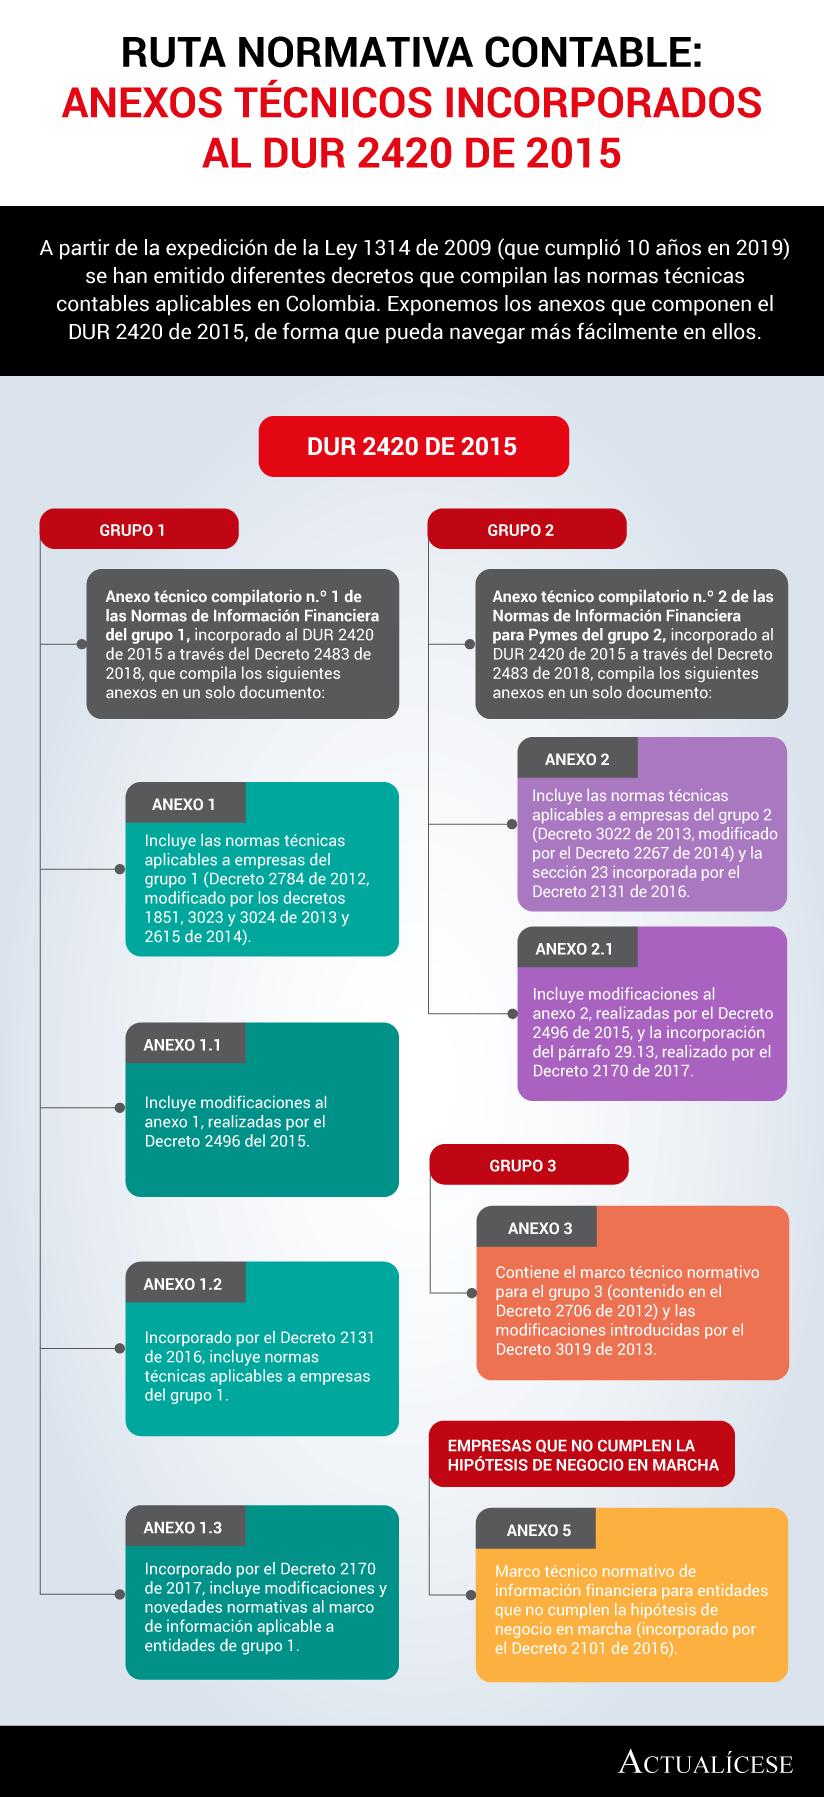 [Infografía] Ruta normativa contable: anexos técnicos incorporados al DUR 2420 de 2015